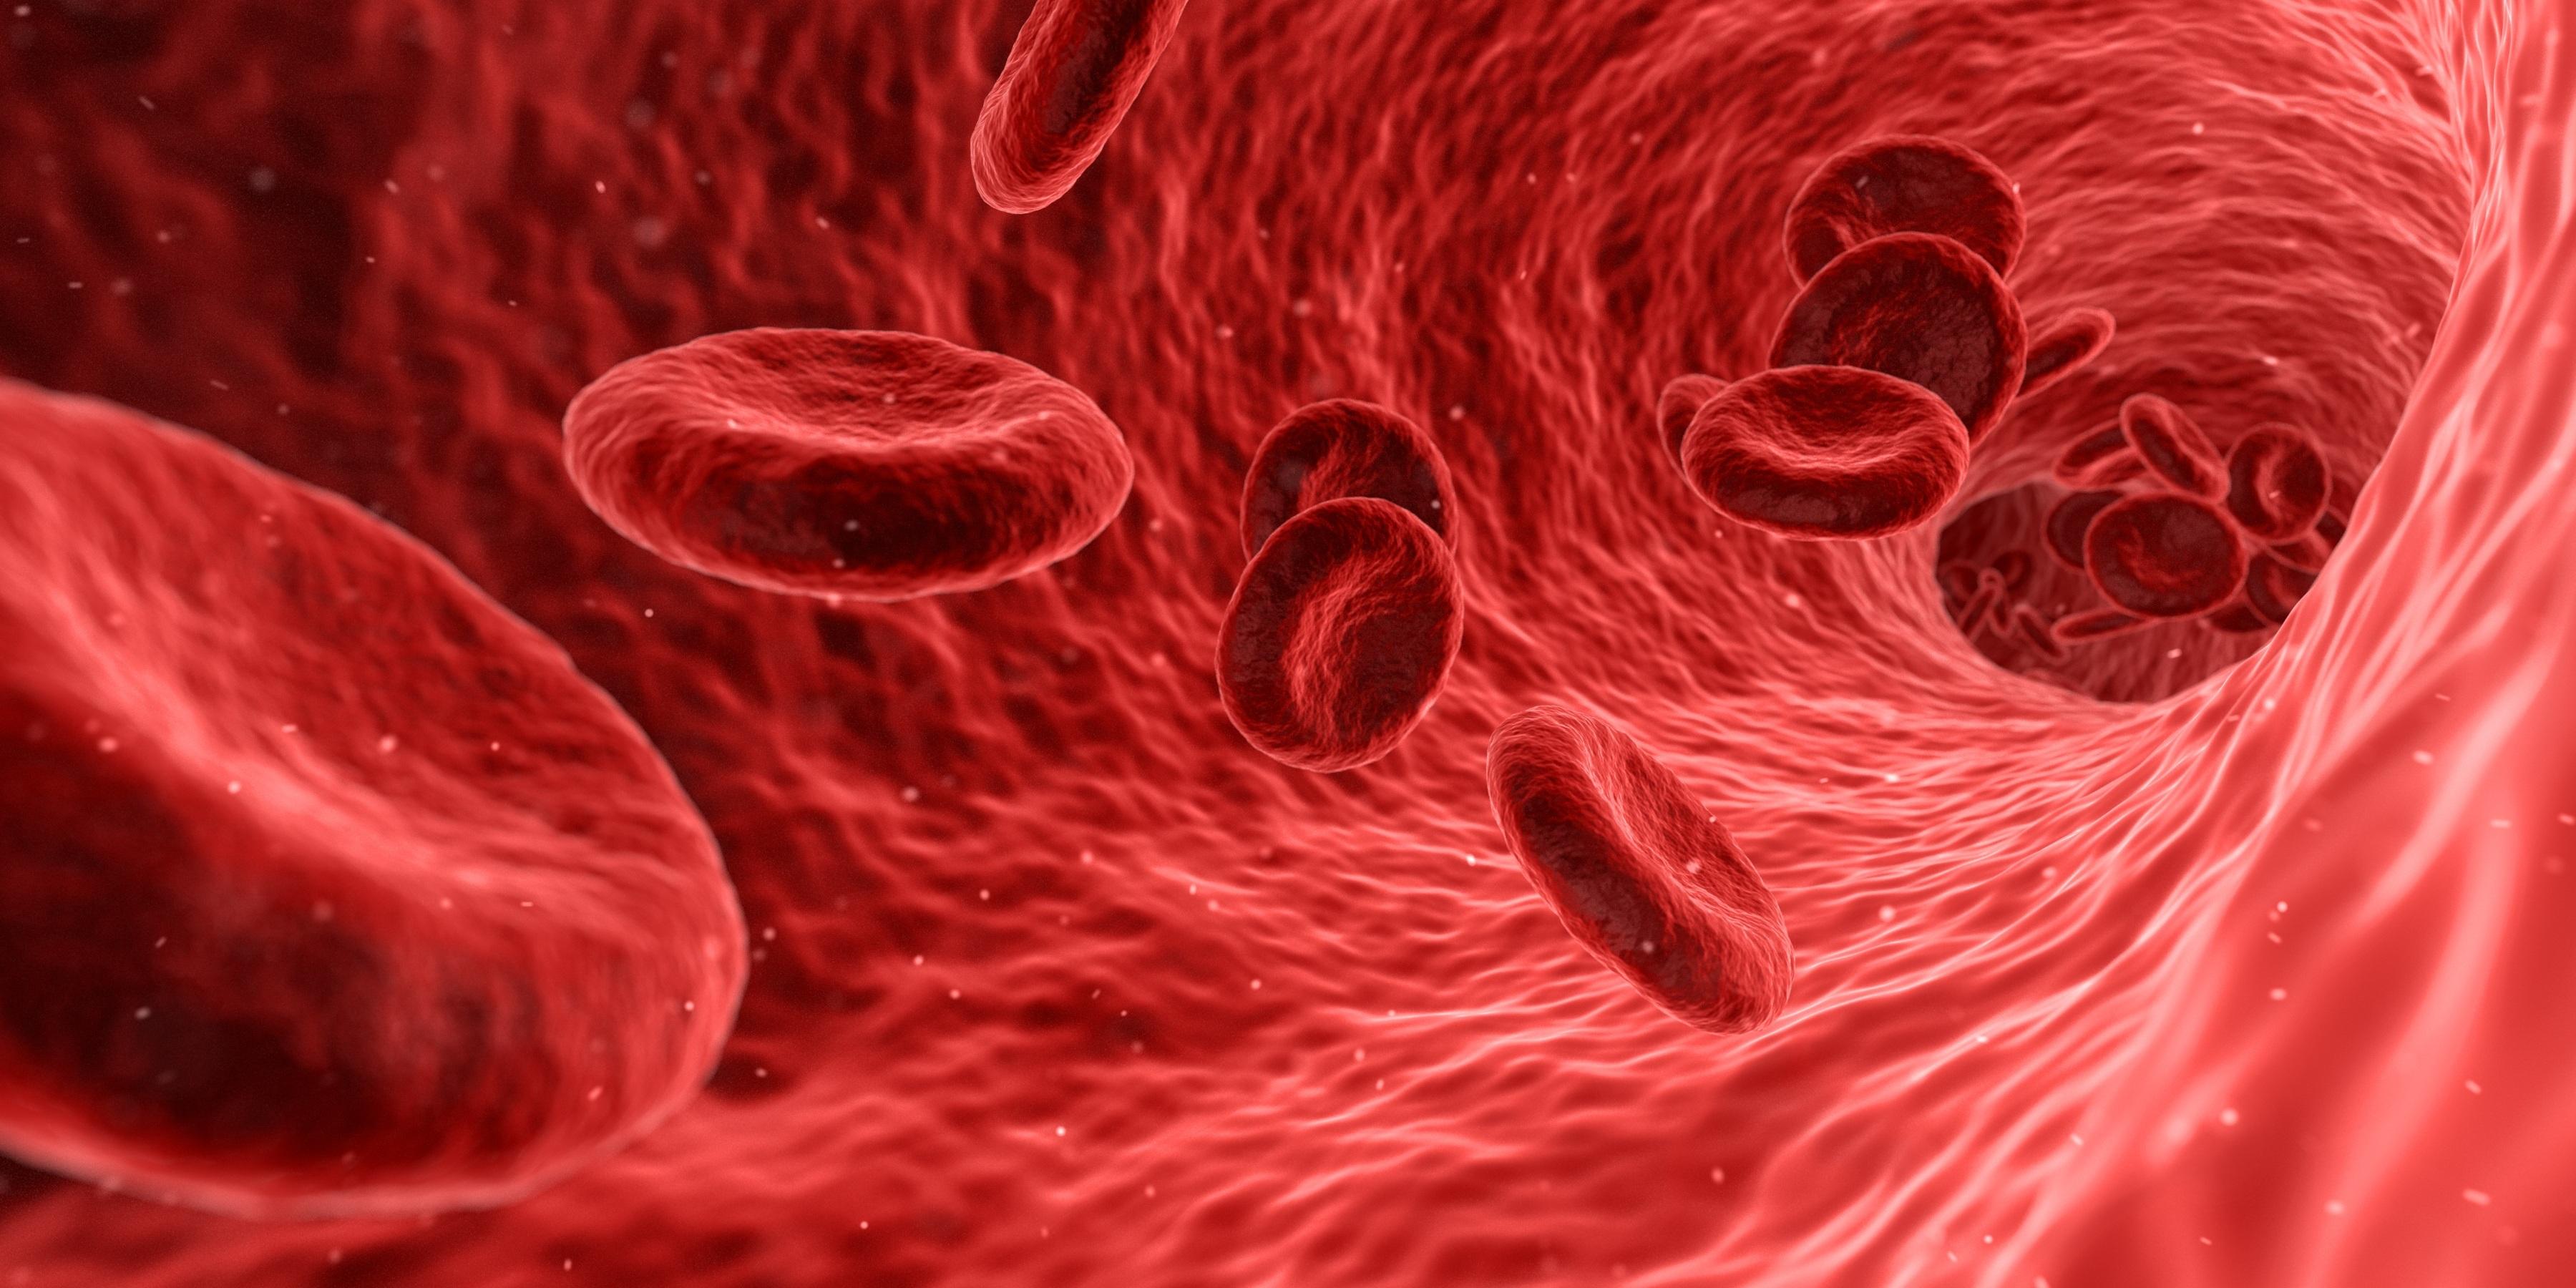 Novo exame de sangue deteta recidiva de cancro com um ano de antecedência